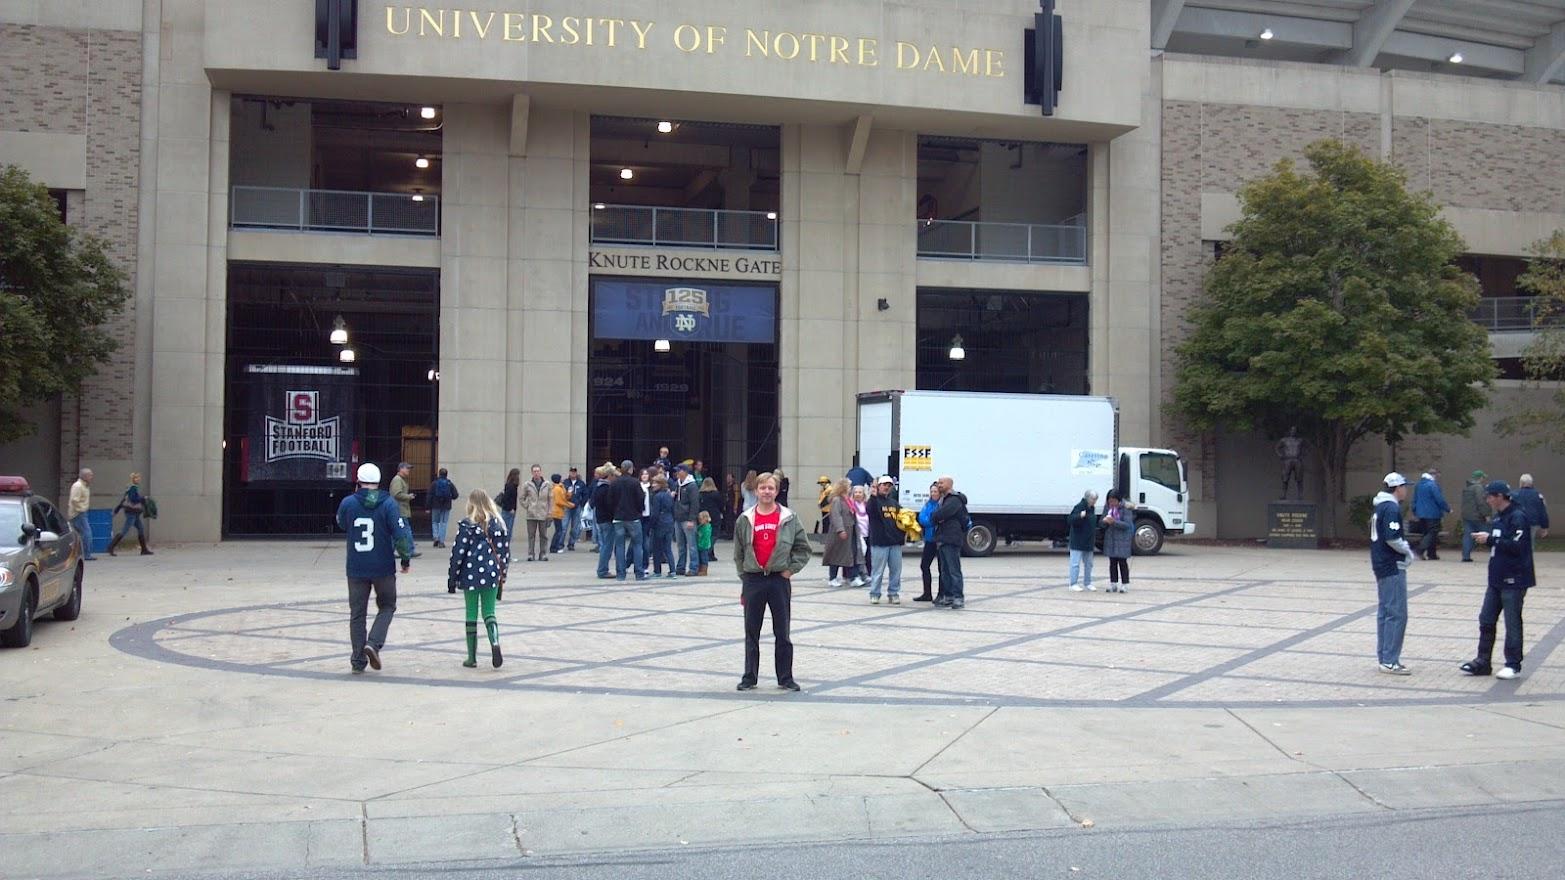 Go Bucks @ Notre Dame